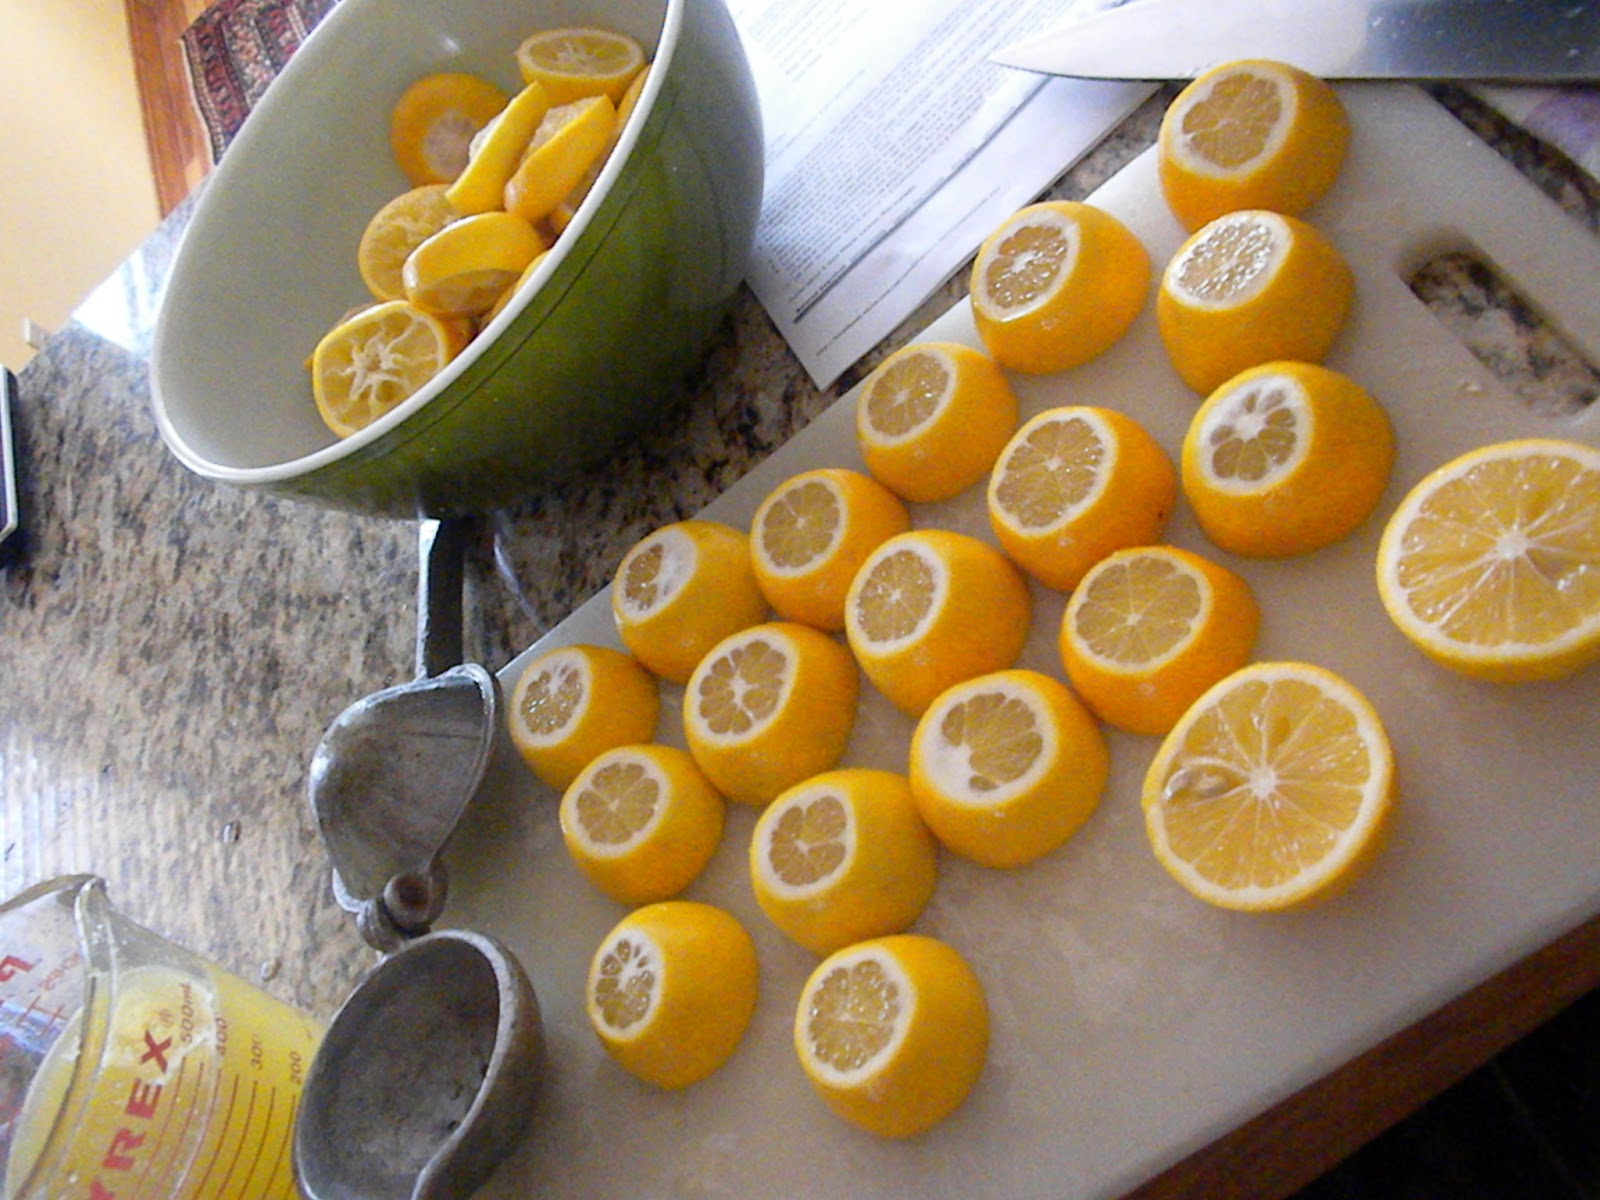 how to make pectin from lemons